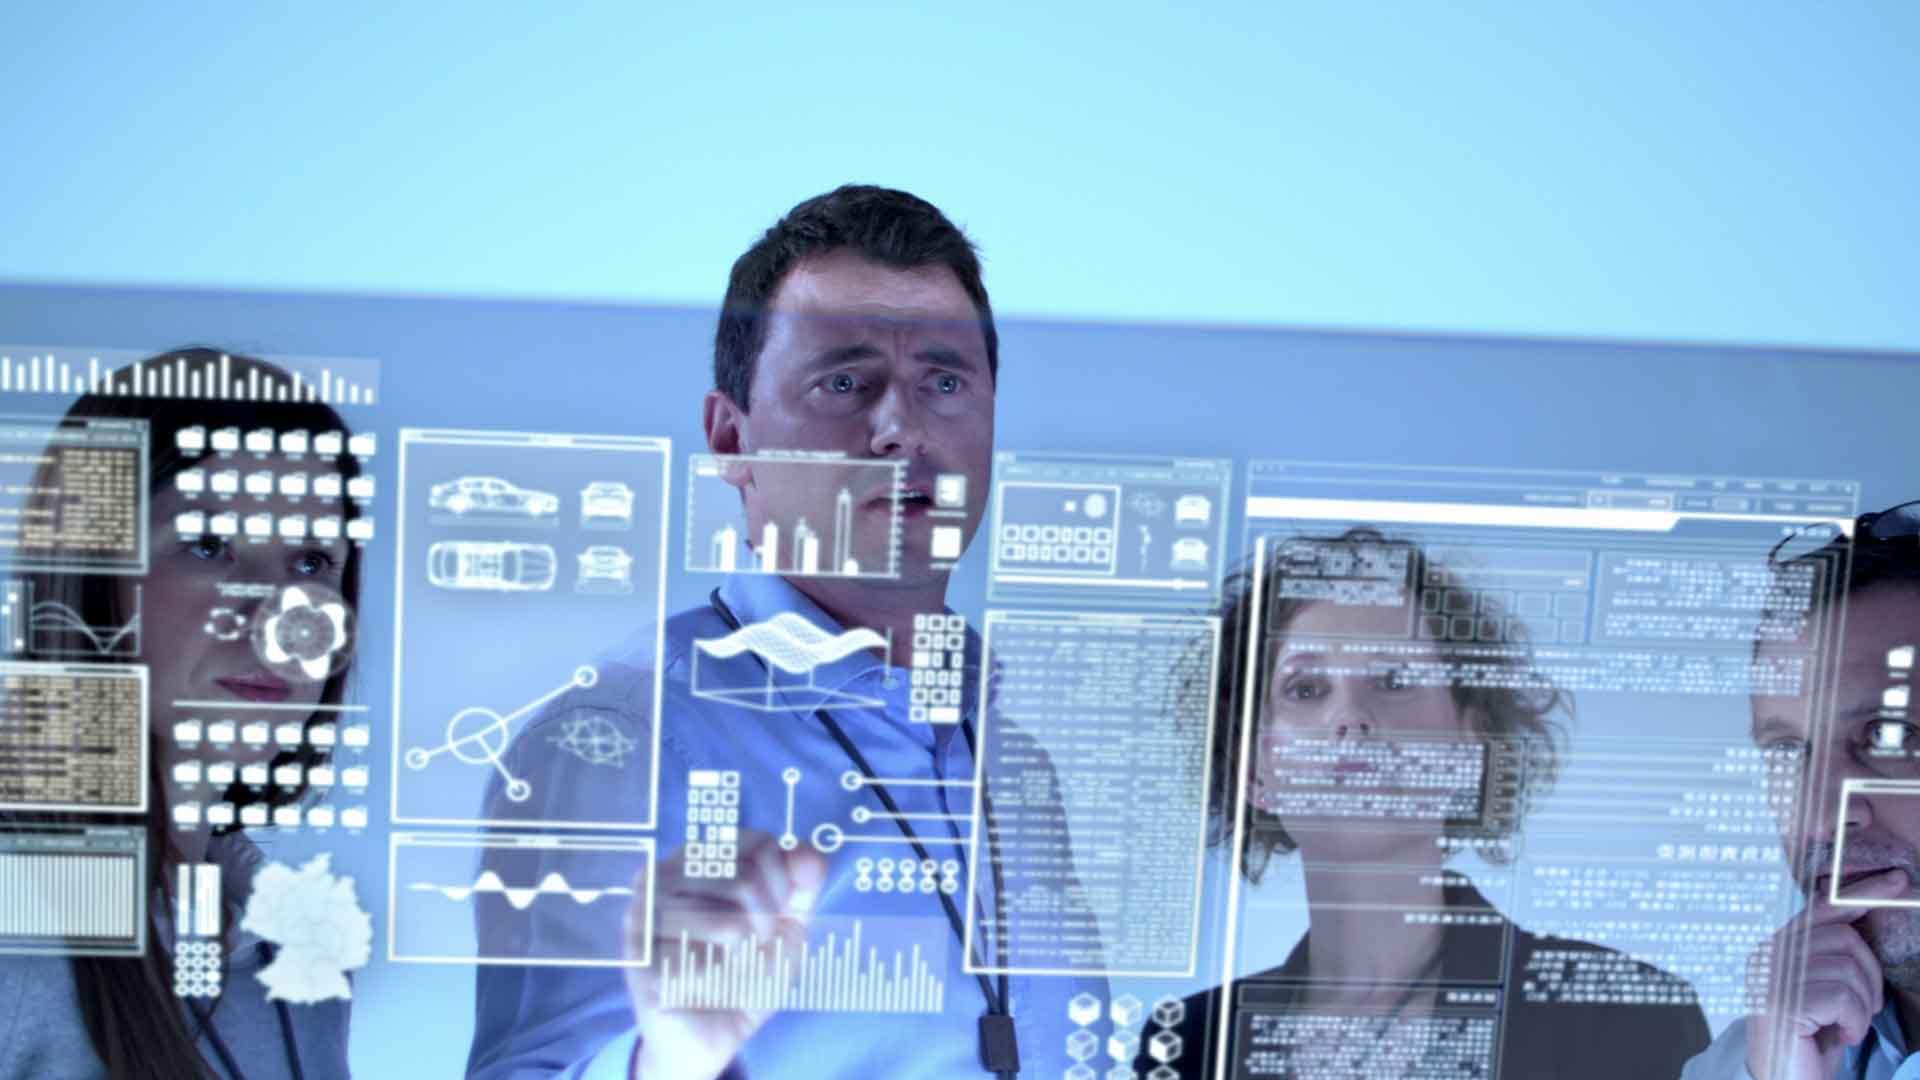 Das Bild zeigt zwei Männer und zwei Frauen. Sie stehen vor einer Art Bildschirm, dieser entstand durch eine Projektion. Auf dieser Projektion sind verschiedene Seiten zu sehen, die im Zusammenhang mit einem Fahrzeugbau stehen. Das Bild dient als Sliderbild für den Portfolioeintrag BMW QMT von Panda Pictures.